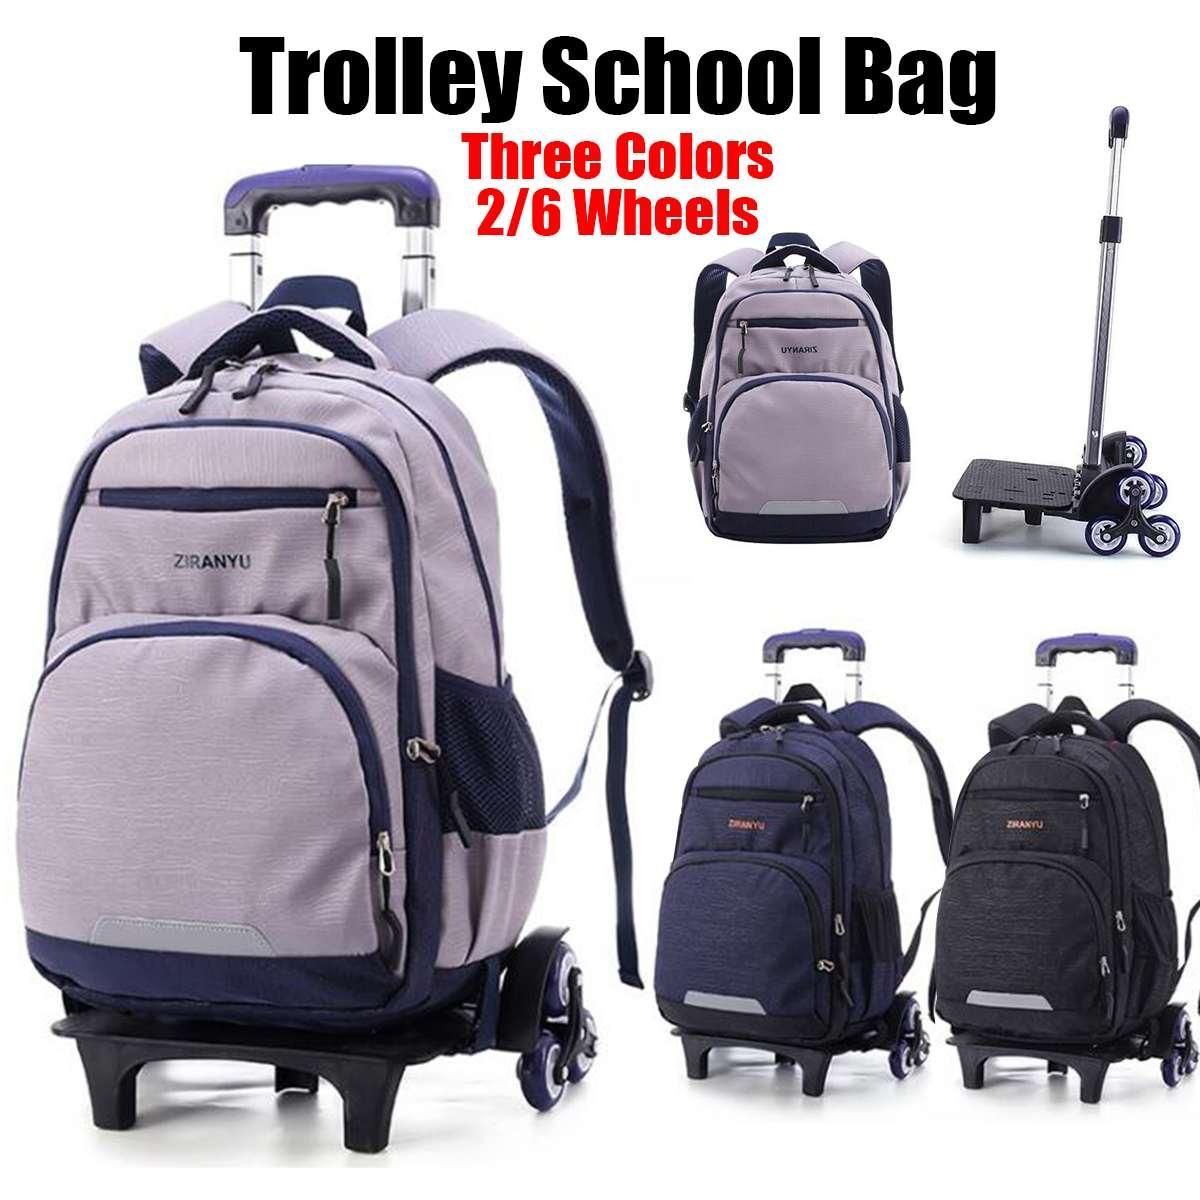 Nylon amovible hommes sacs de voyage pour garçons étanche Trolley sac à dos adolescent 2/6 sac à roulettes sac de voyage sacs de retour à l'école